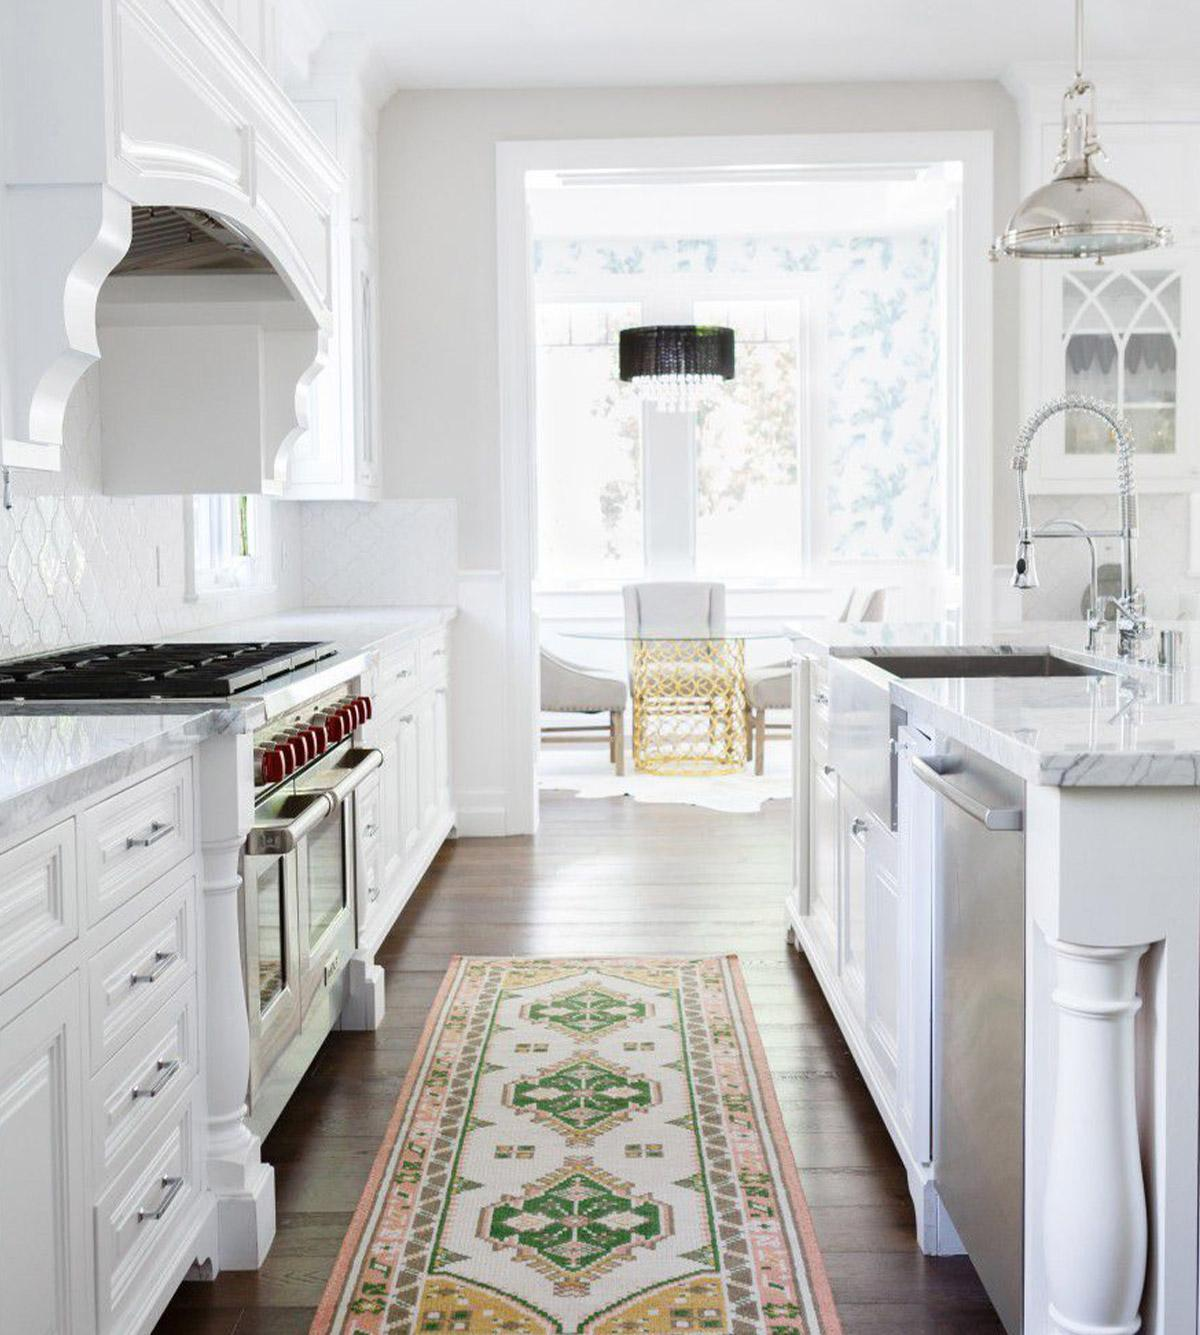 Mẫu thảm trải sàn phòng bếp được ưa chuộng